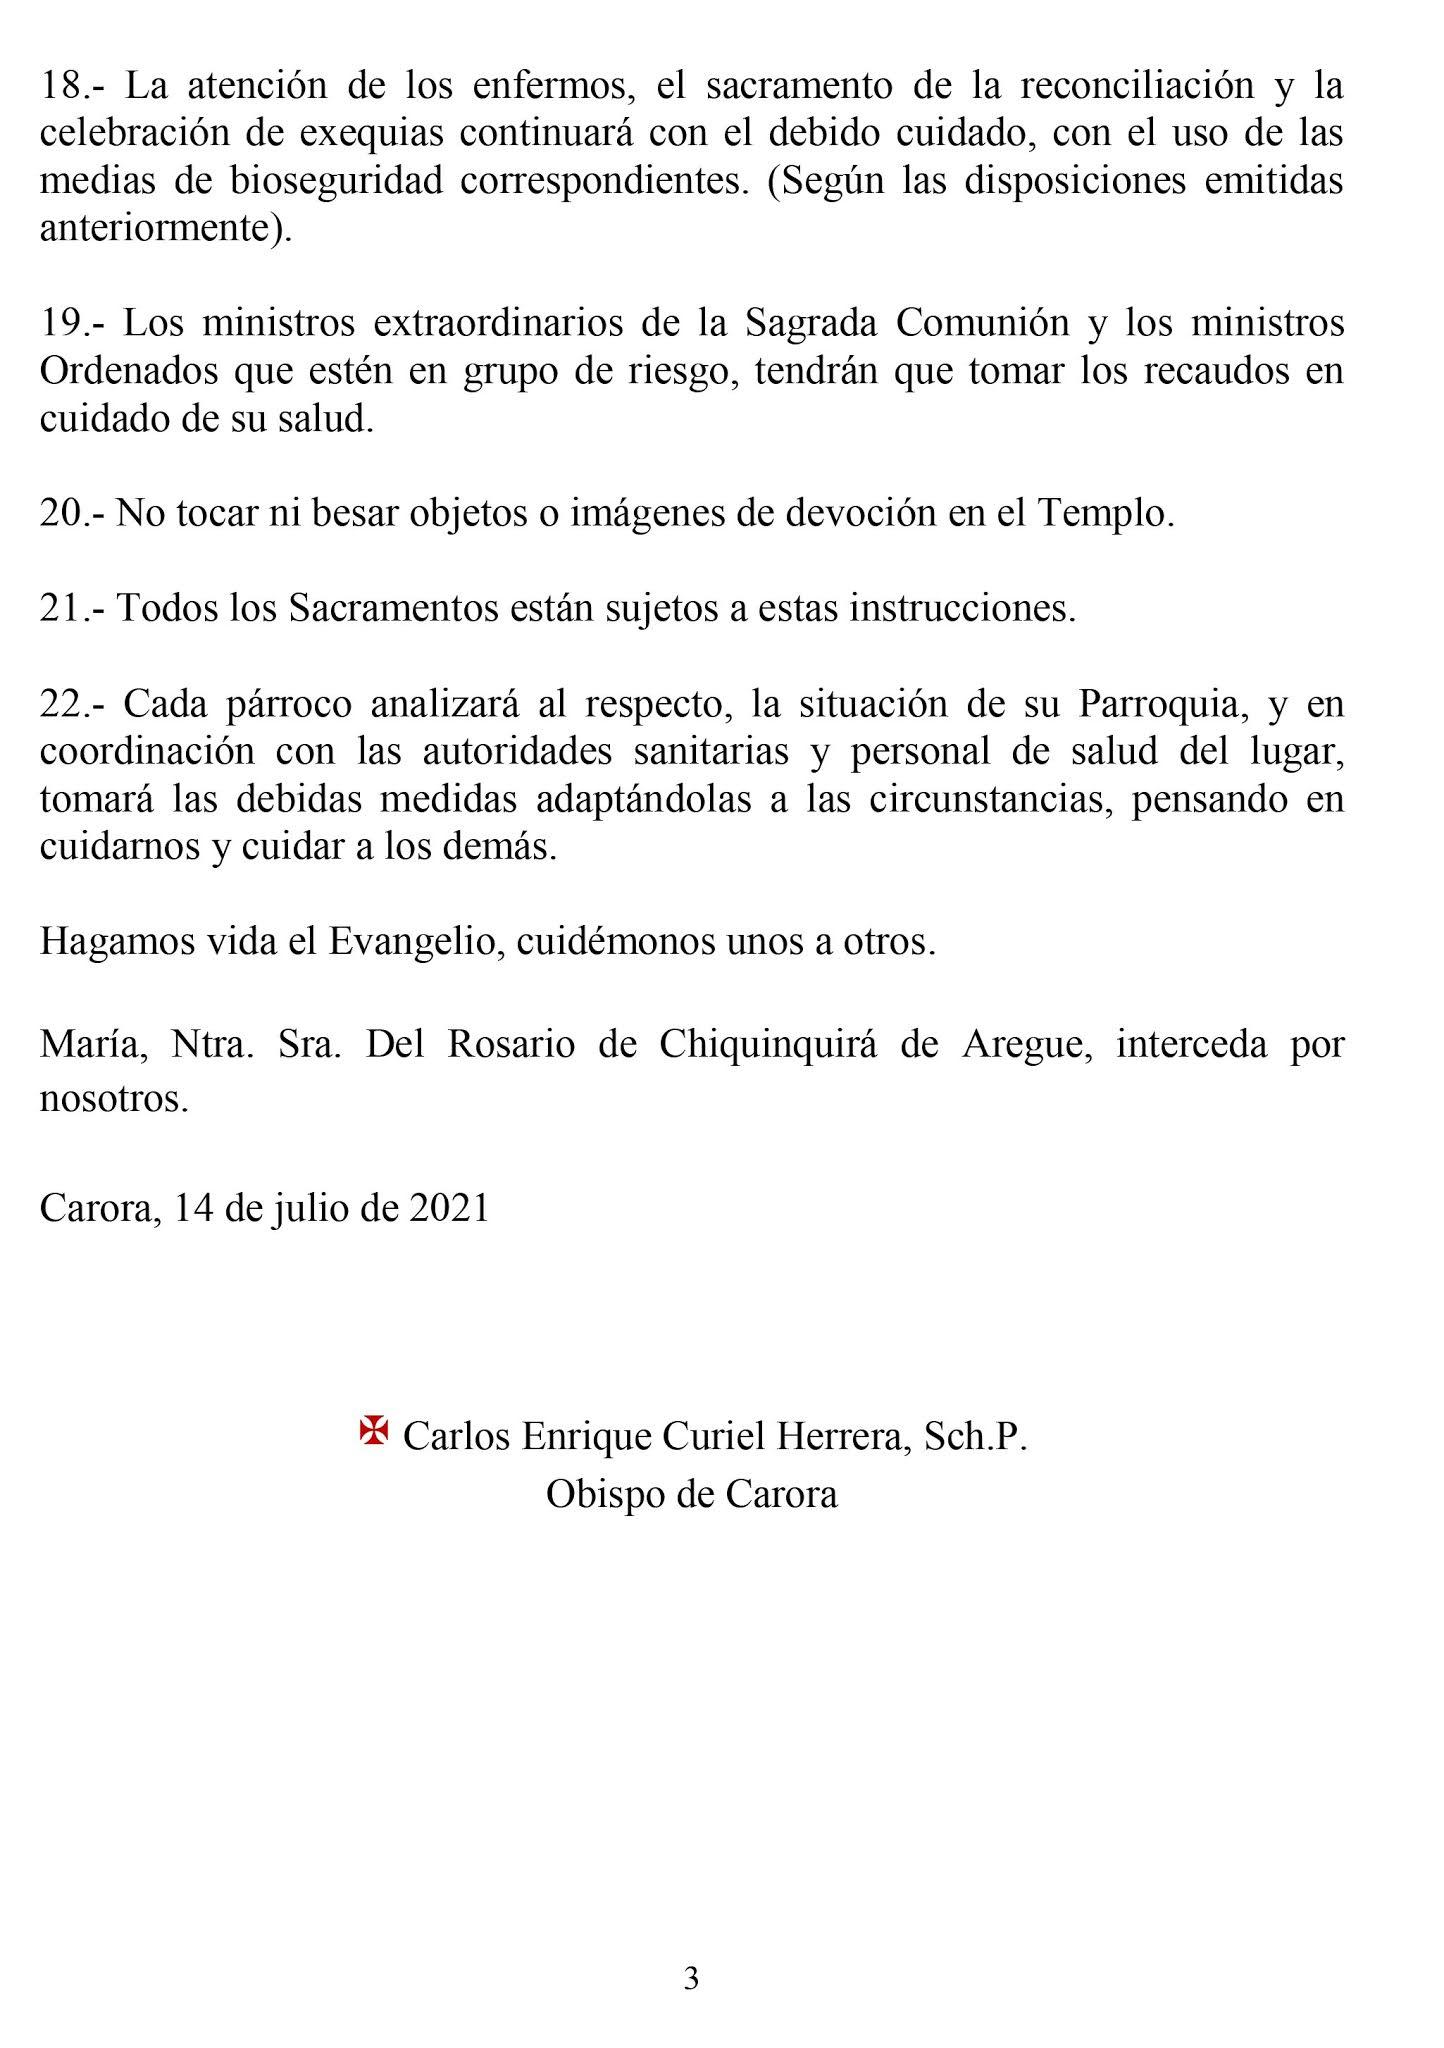 ANUNCIAN RETORNO GRADUAL A LOS TEMPLOS